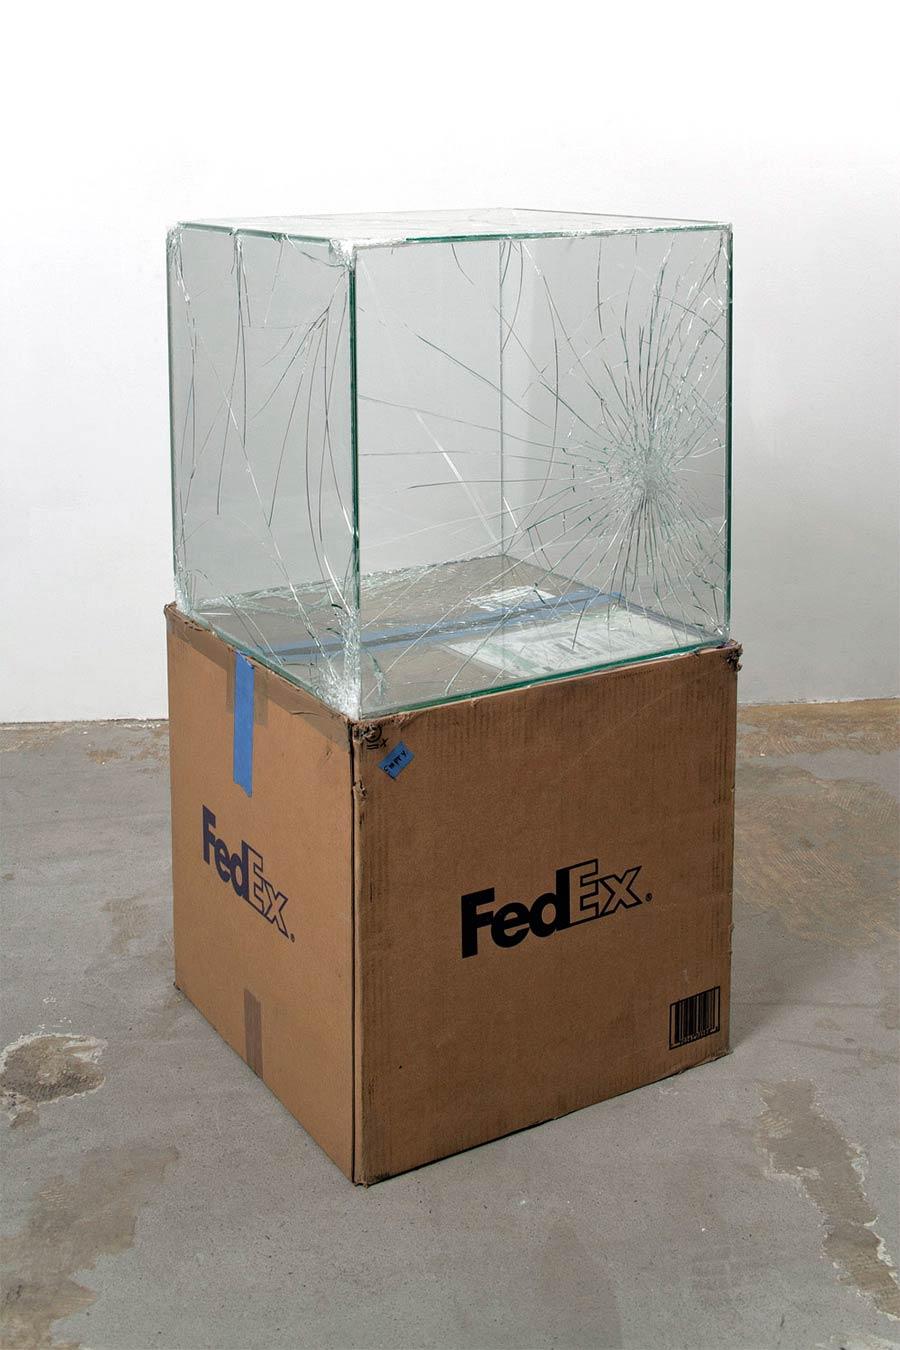 Ungeschützt verschicktes Glas wird zu gesprungener Kunst Waled-Beshty-FedEx-glass_03